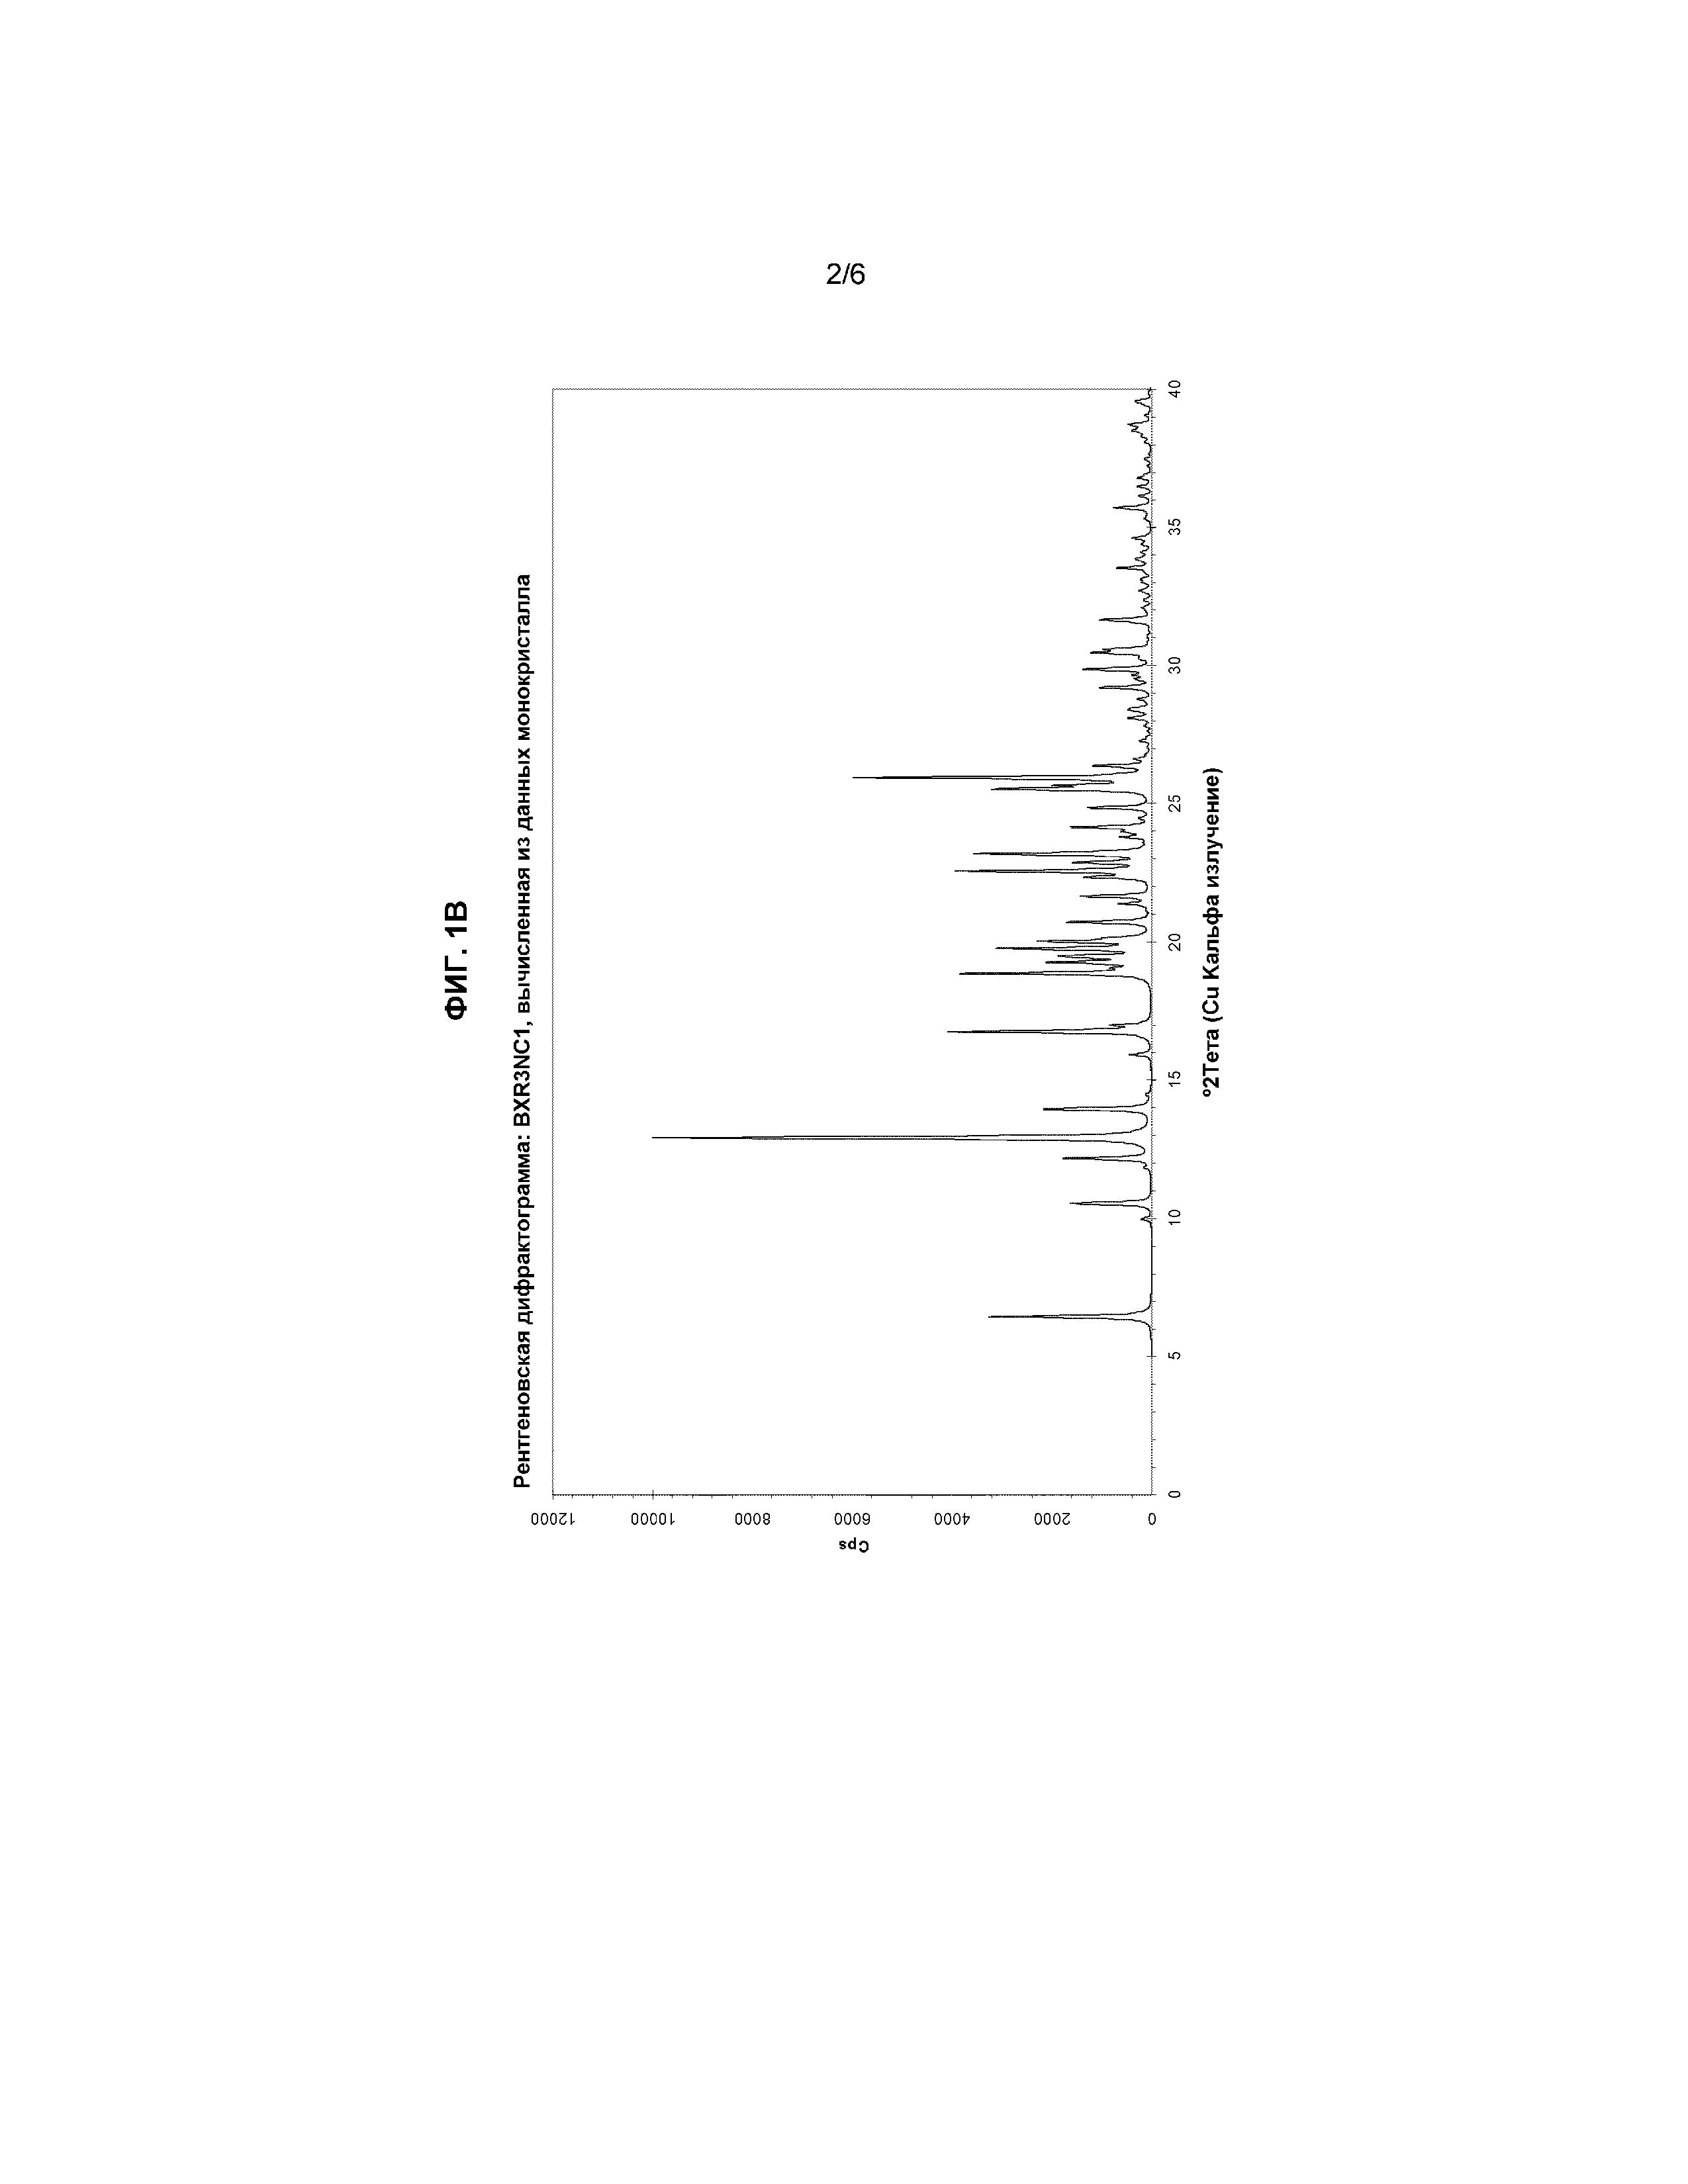 Моногидрат мезилата n-[5-(аминосульфонил)-4-метил-1,3-тиазол-2-ил]-n-метил-2-[4-(2-пиридинил)фенил]ацетамида